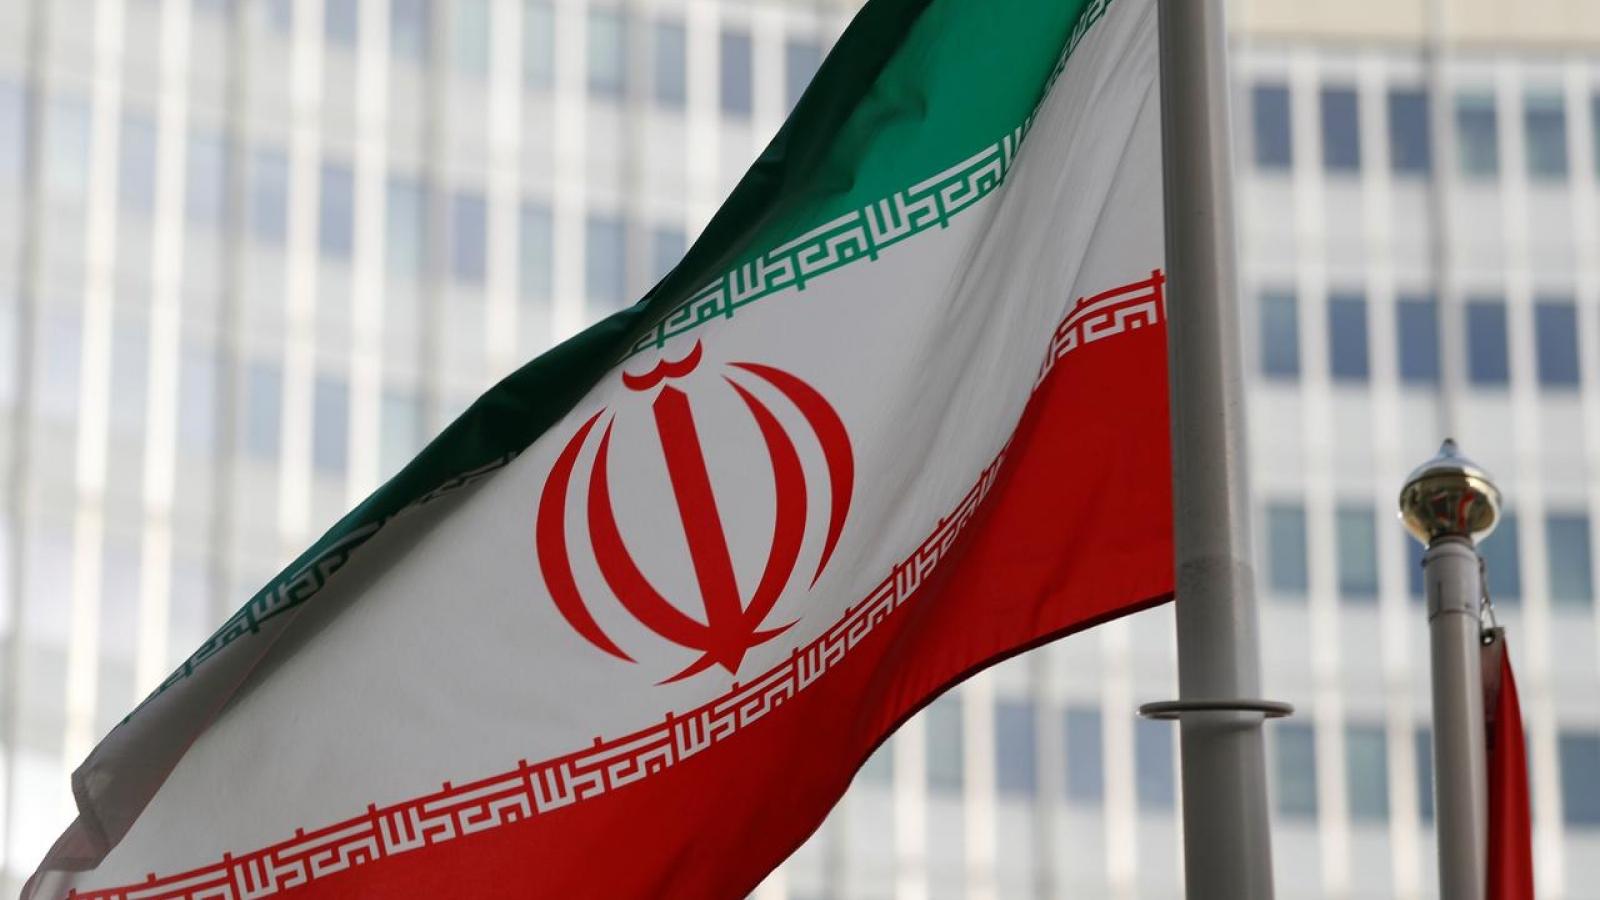 Mỹ - Israel thảo luận về Iran và các vấn đề khu vực